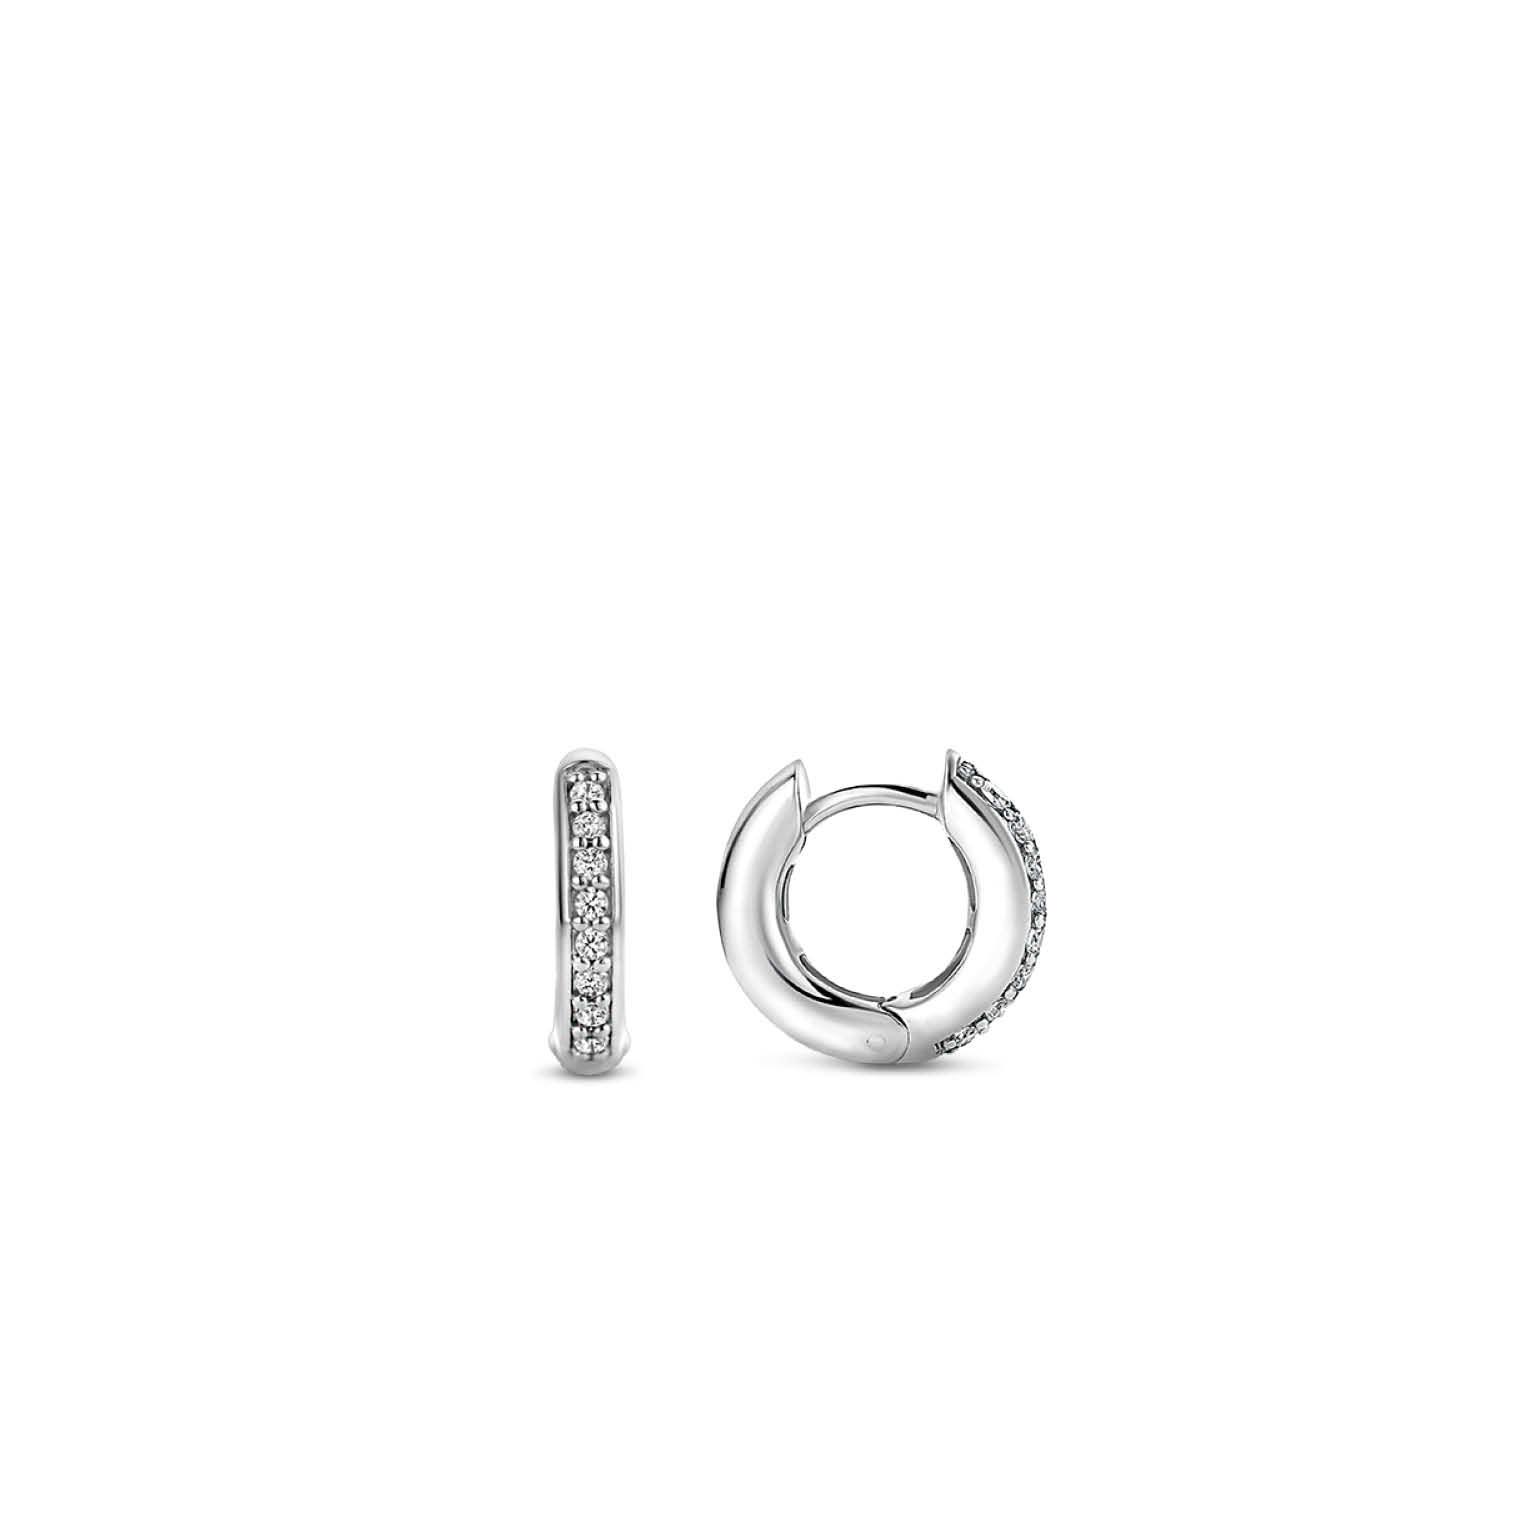 TI SENTO - Milano Earrings 7811ZI-4